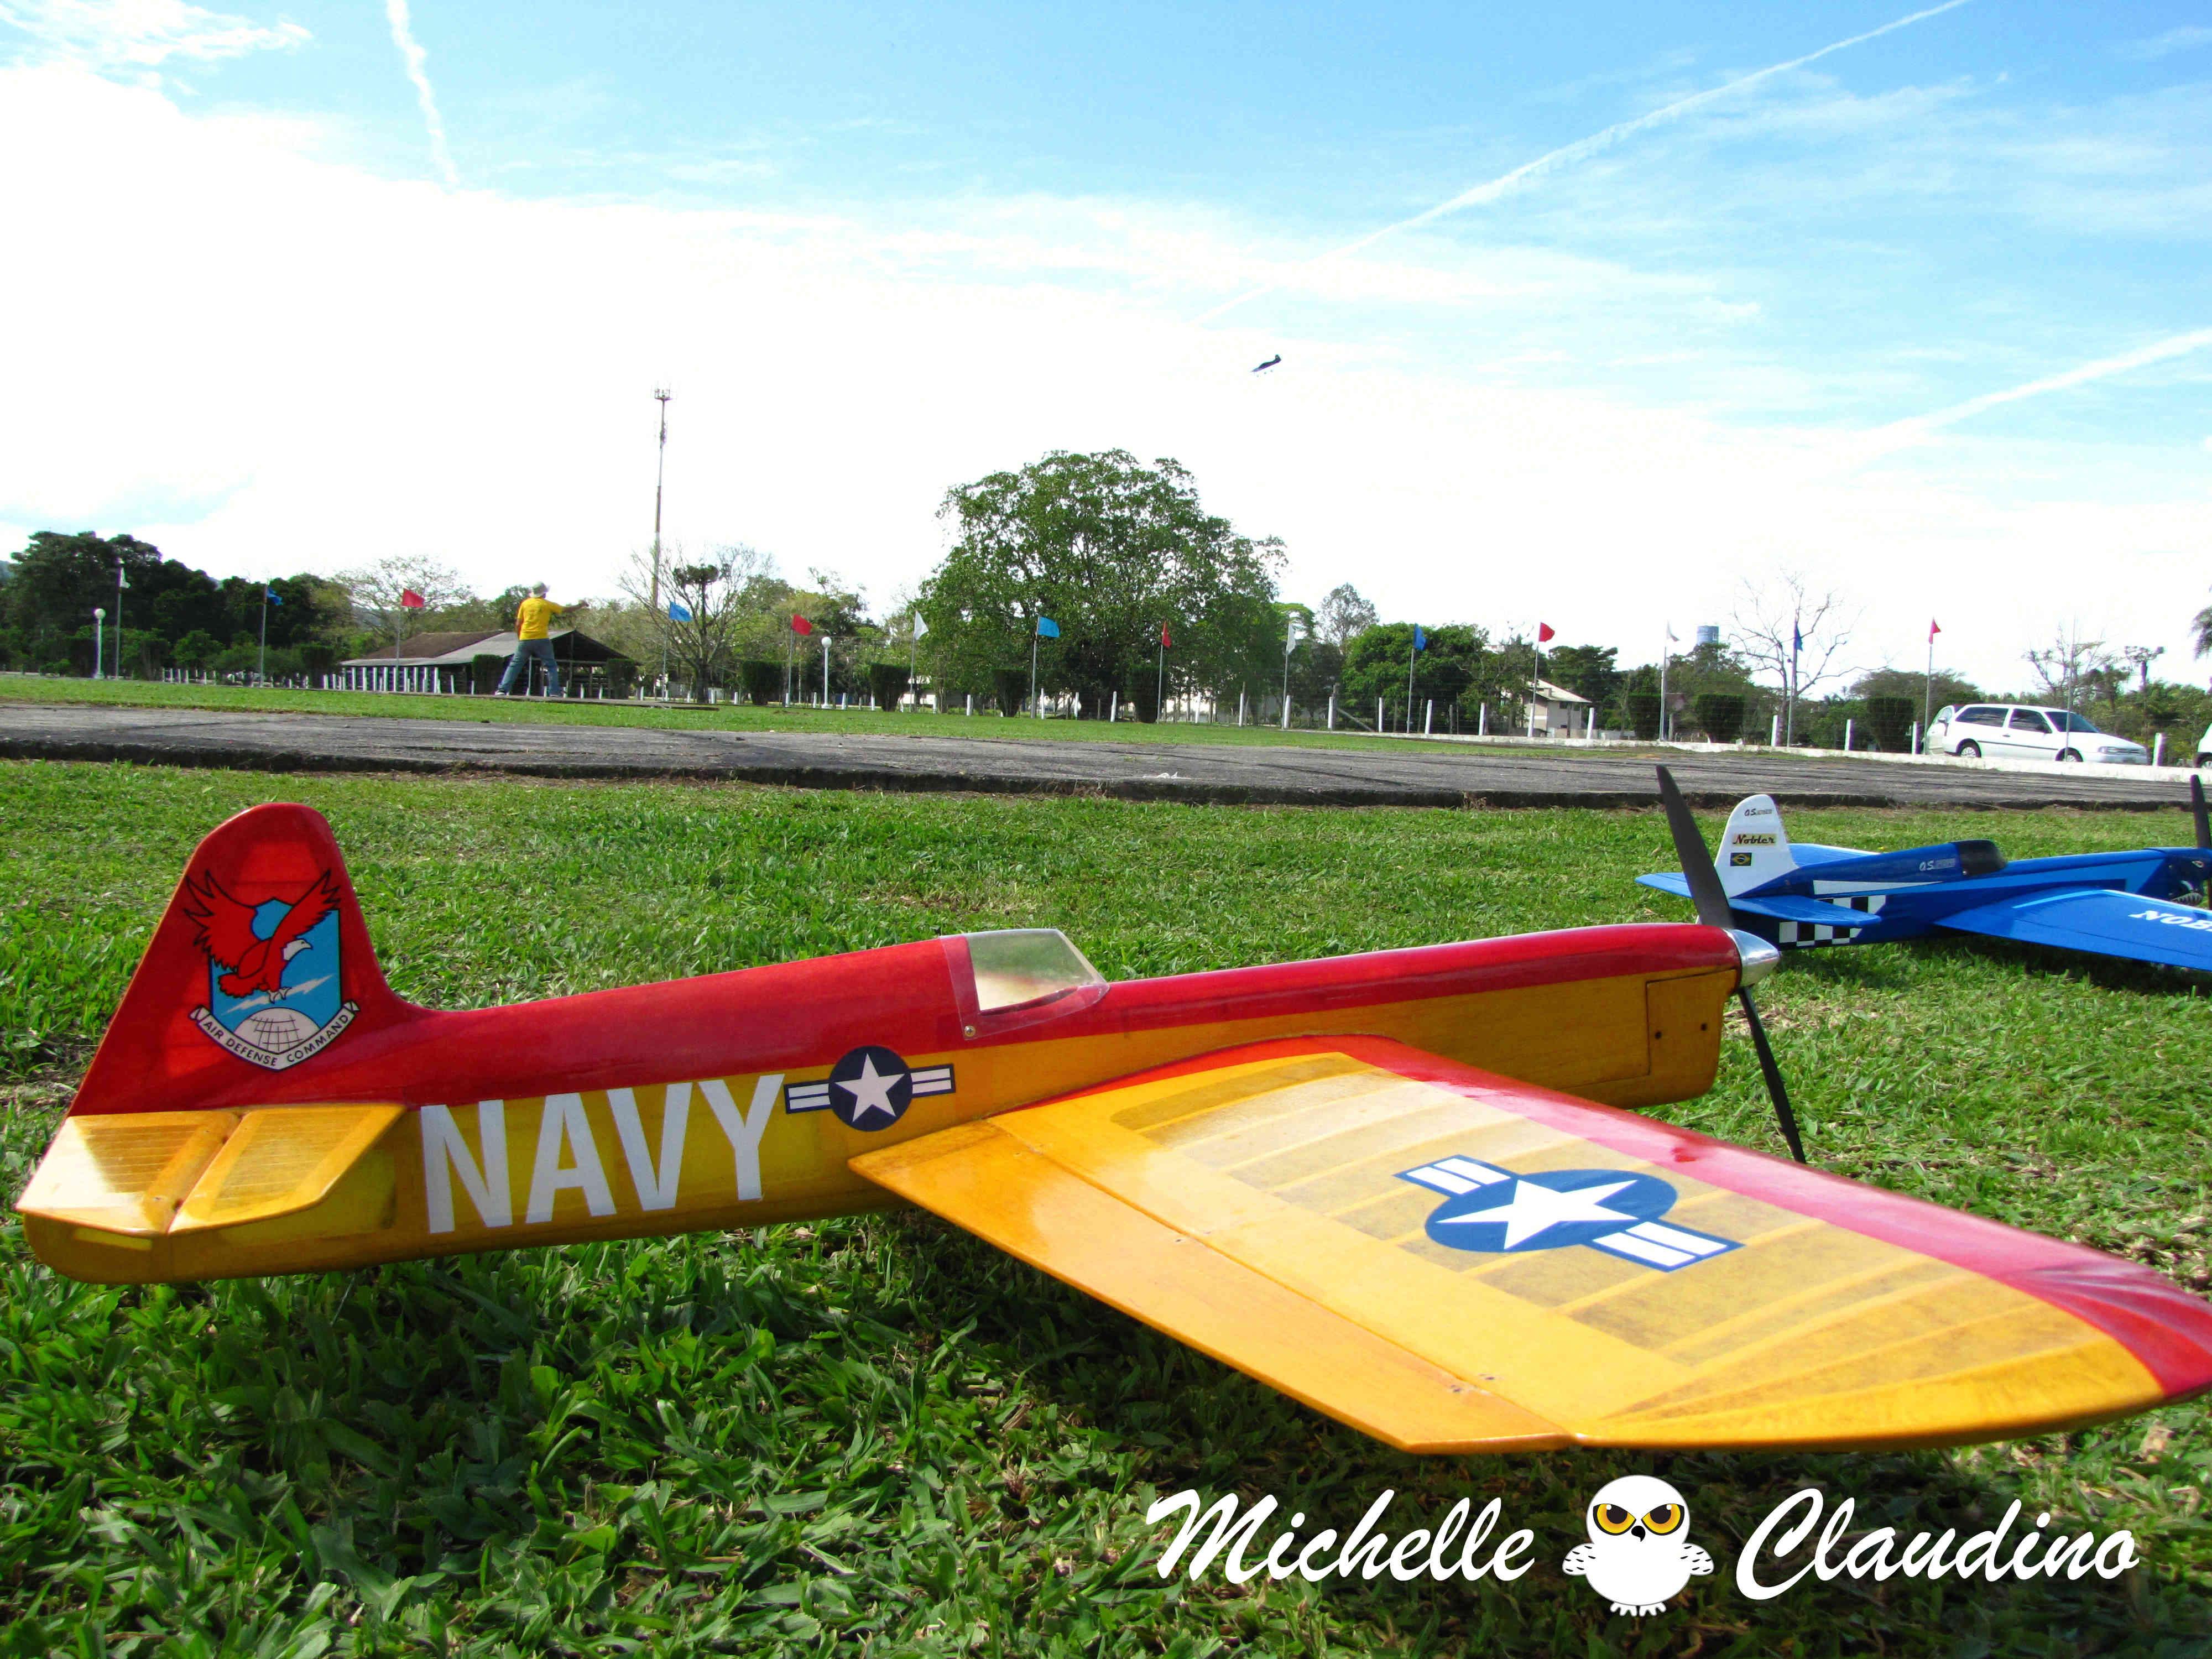 Aeromodelismo clássico - Modelos, kits, motores e tudo mais  - Página 8 15311810